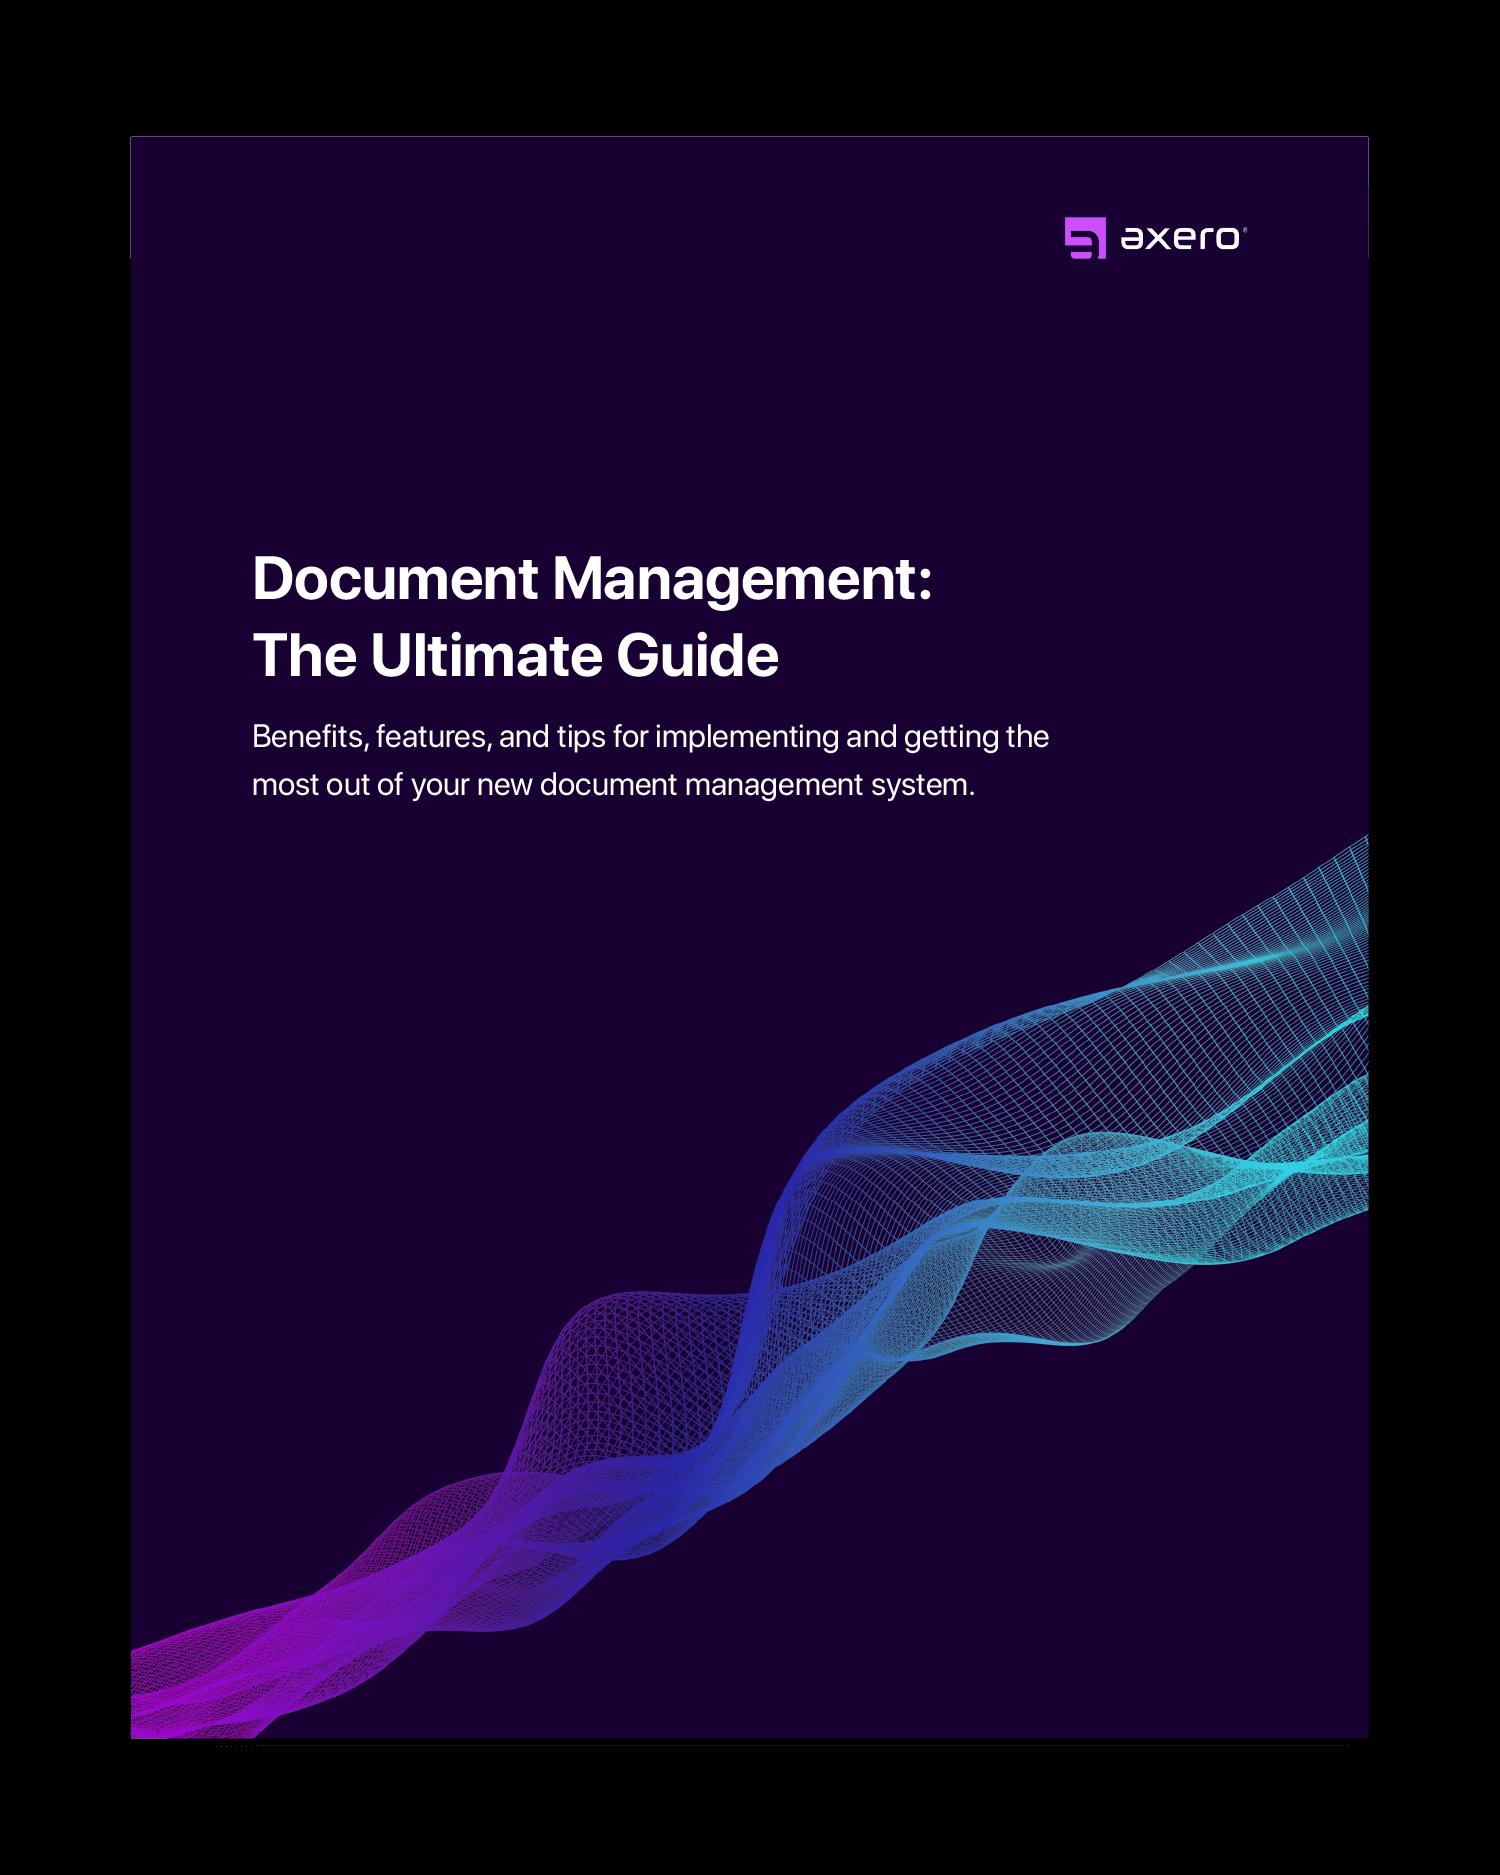 document-management-title.png